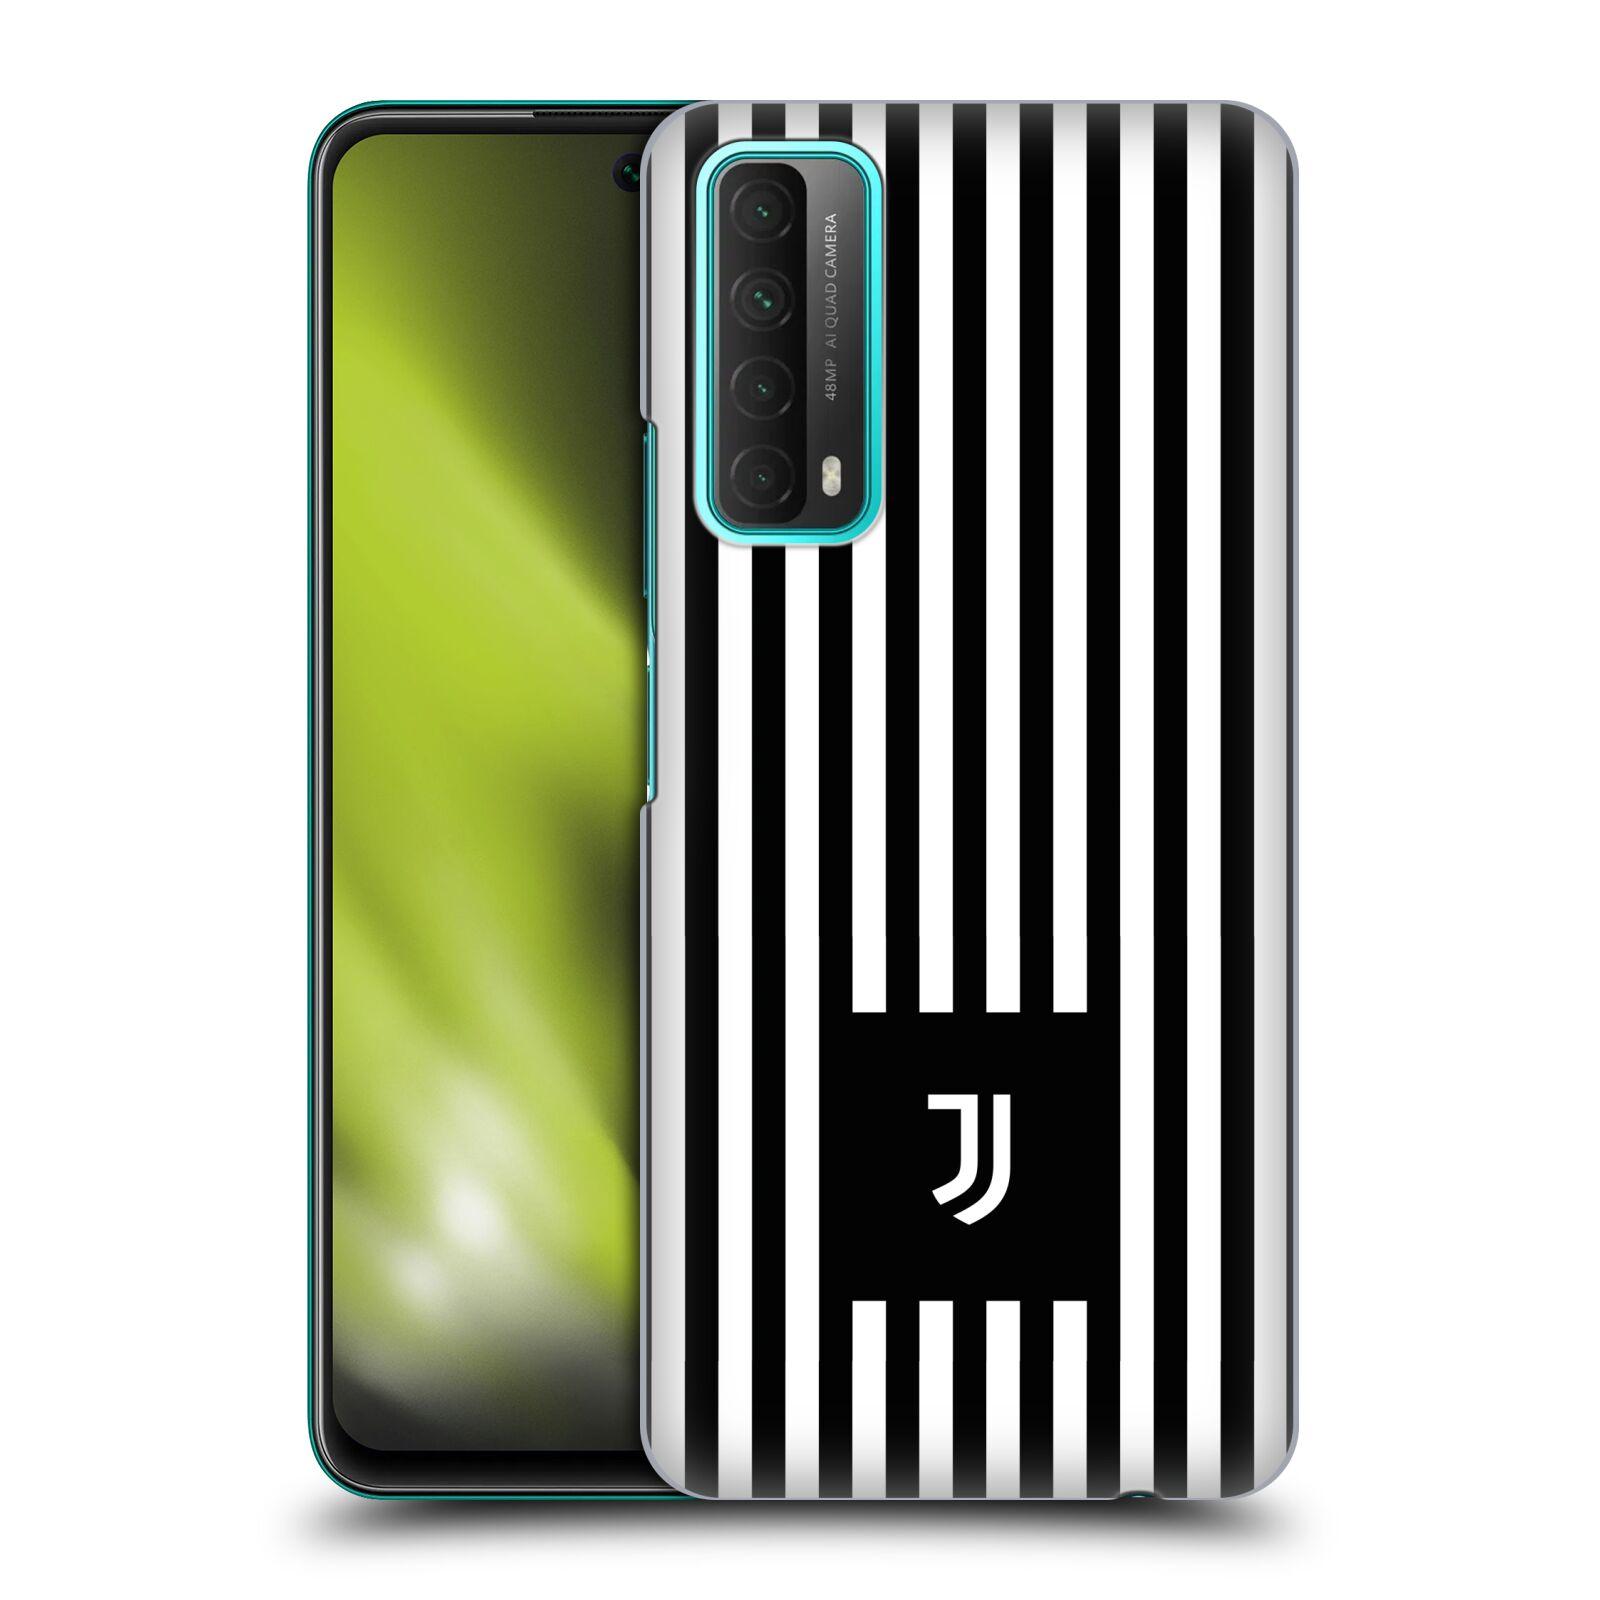 Plastové pouzdro na mobil Huawei P Smart (2021) - Head Case - Juventus FC - Nové logo - Pruhy